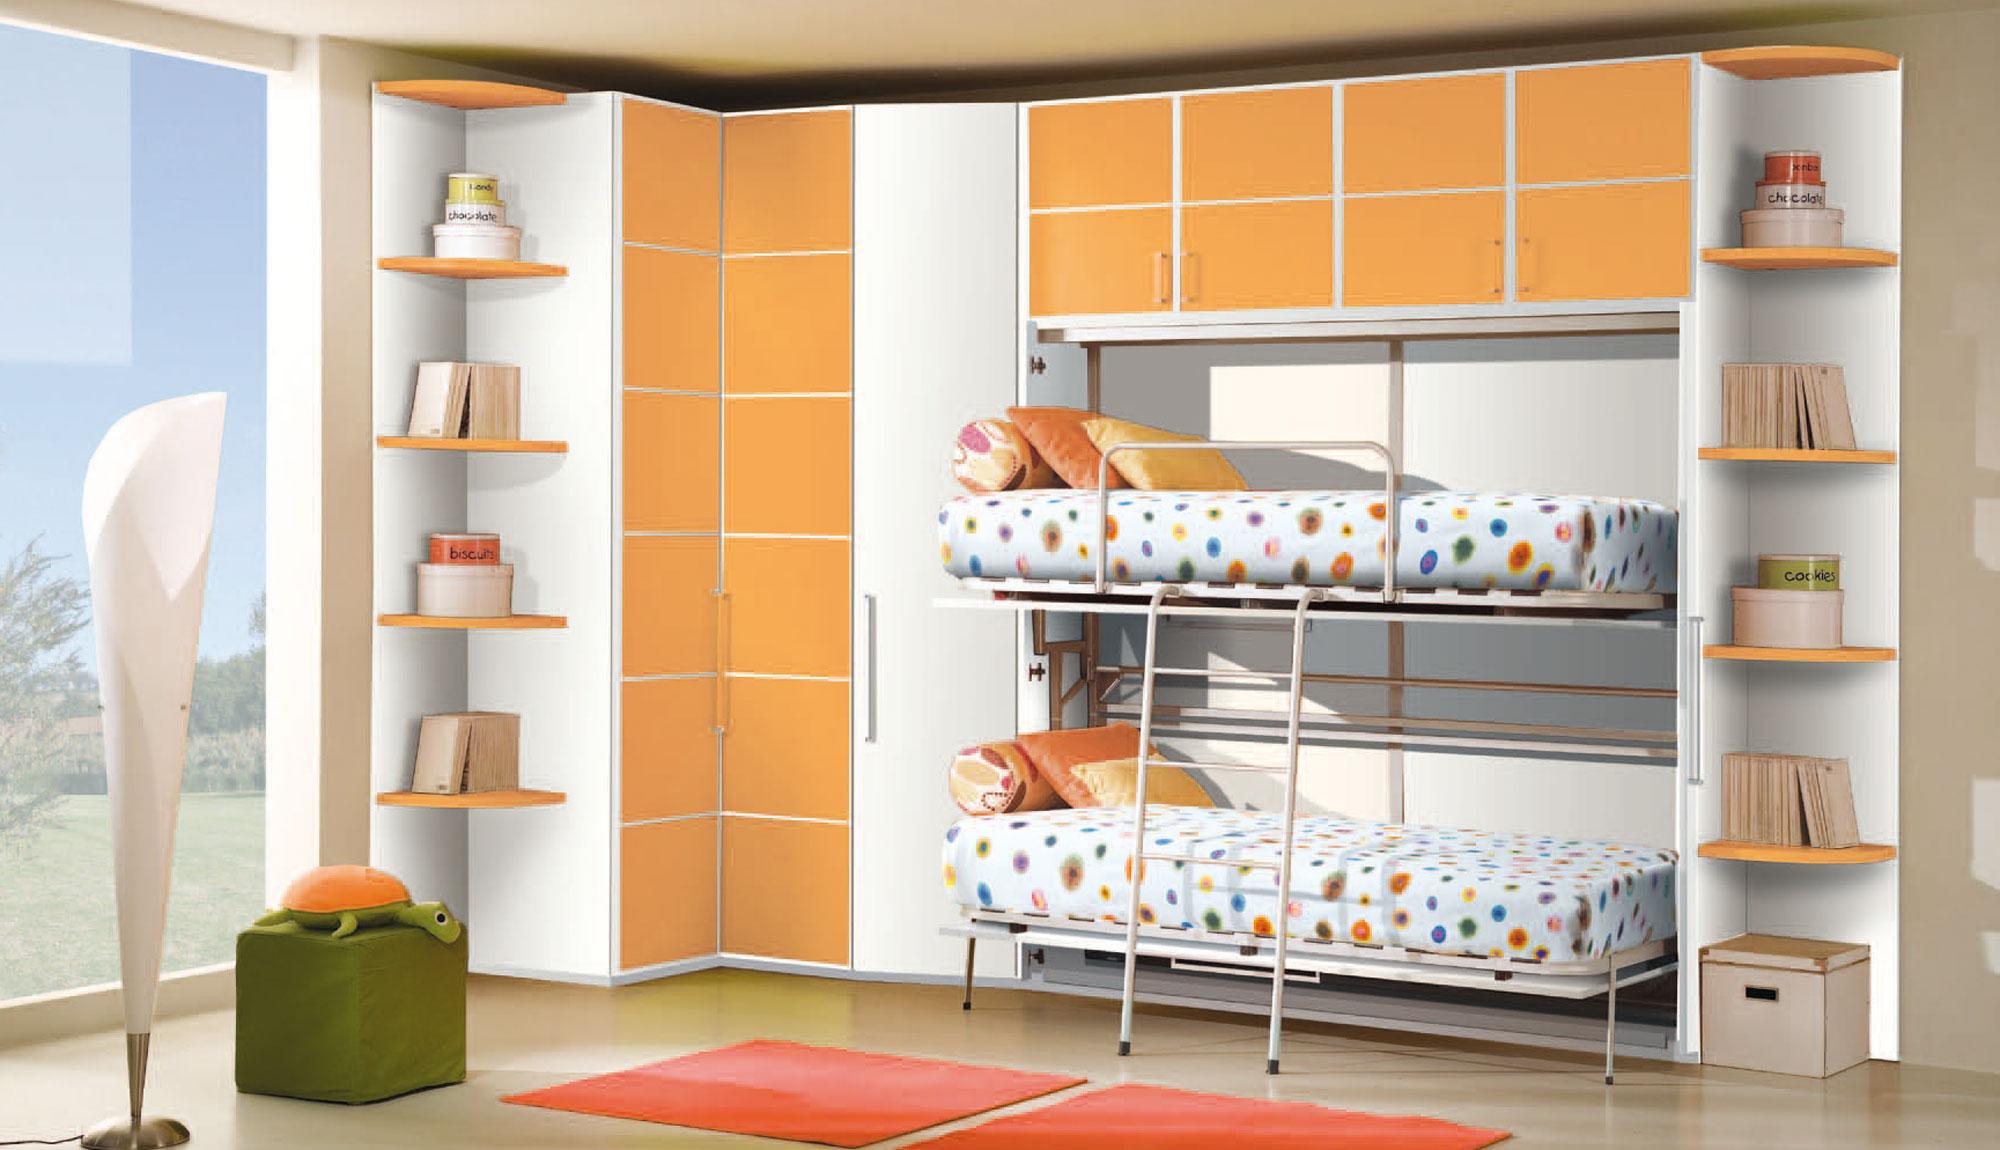 Cameretta letti a scamparsa tutto mobili arredamento camere cucine ufficio roma for Cameretta letto a scomparsa